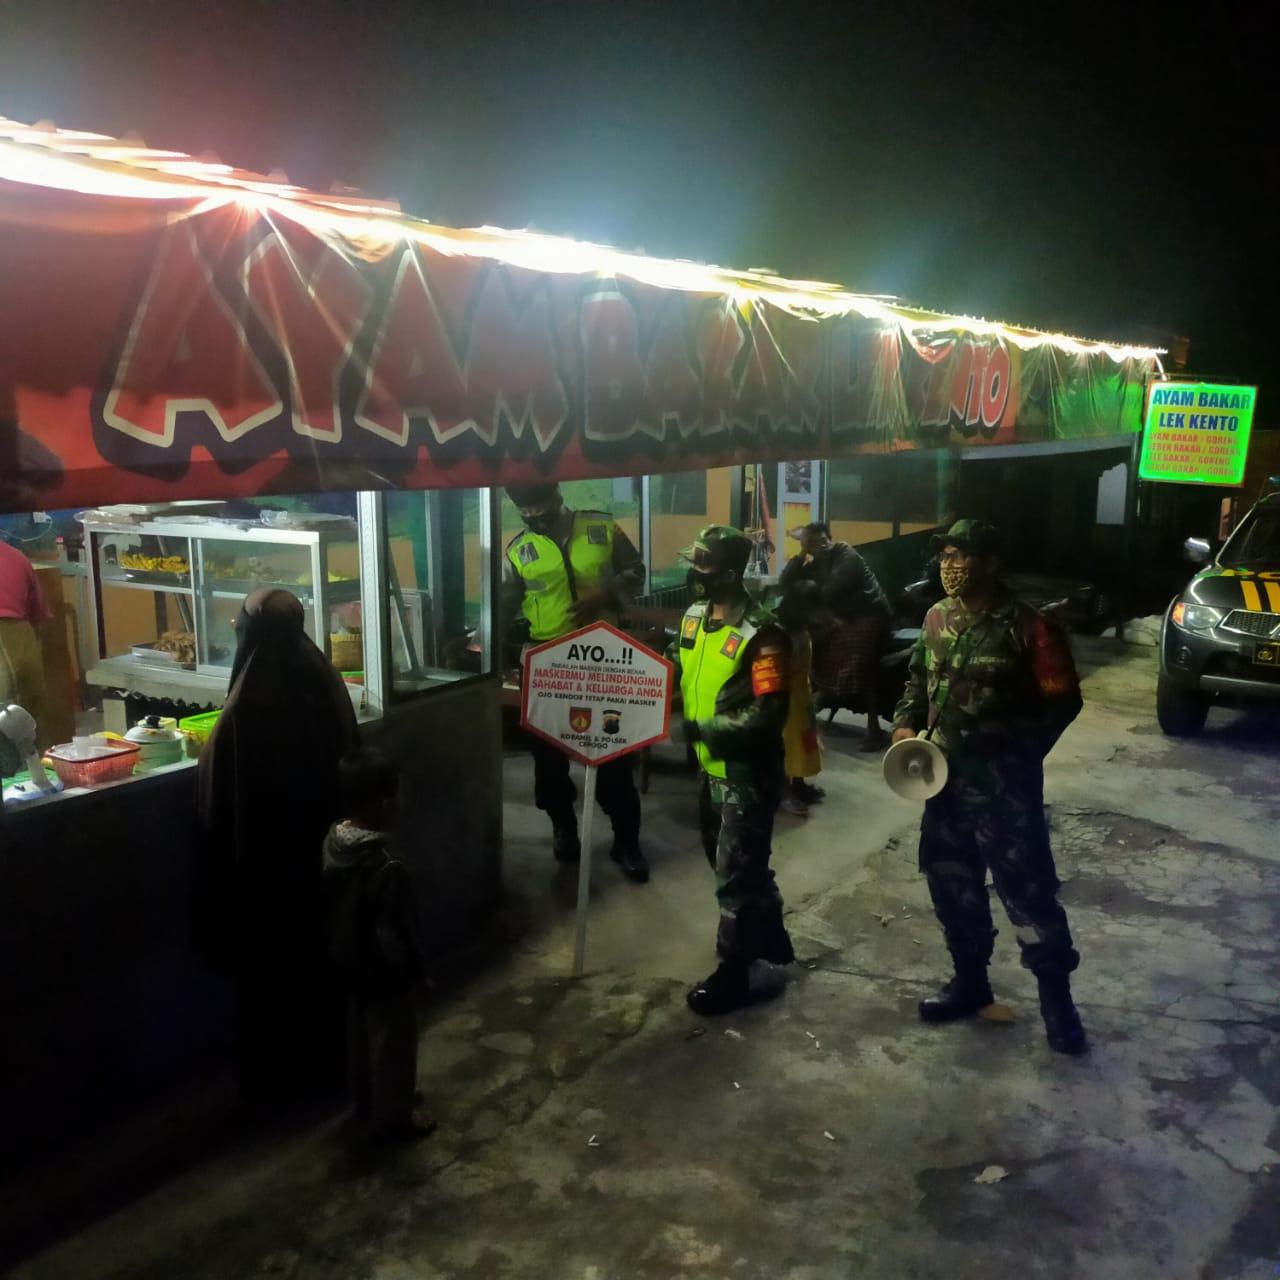 Pelda Sudarsono Pimpin Patroli Gabungan Dalam Penegakan Prokes